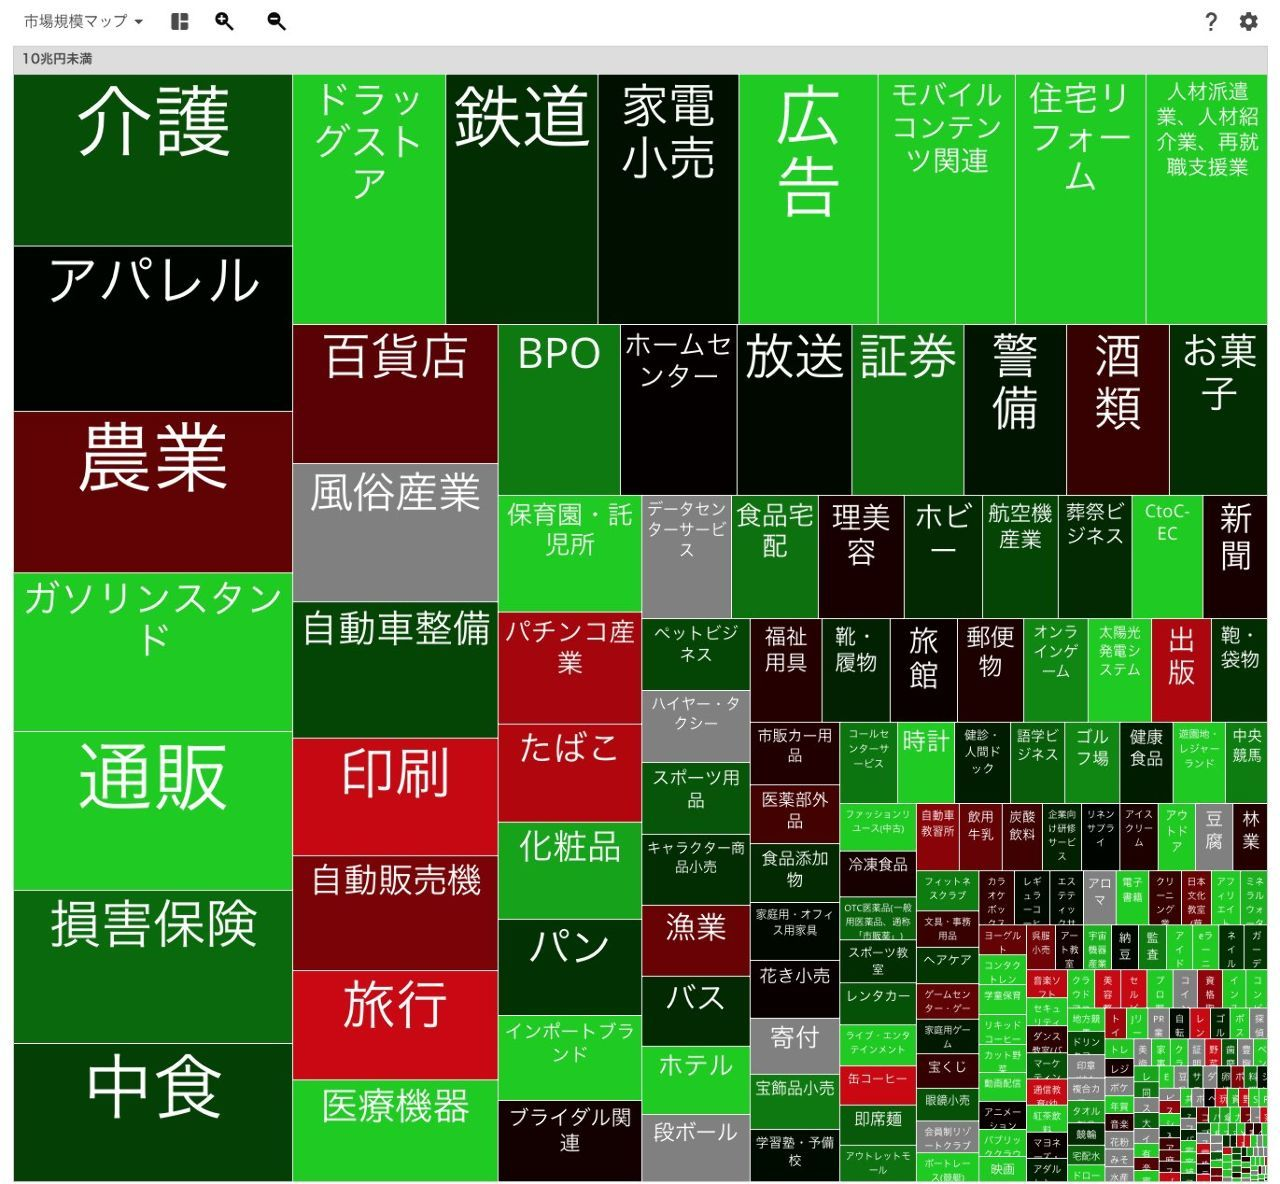 ゆりのすけの株ノート 市場規模マップ(10兆円未満) https://twitter.com/a28szk/status/